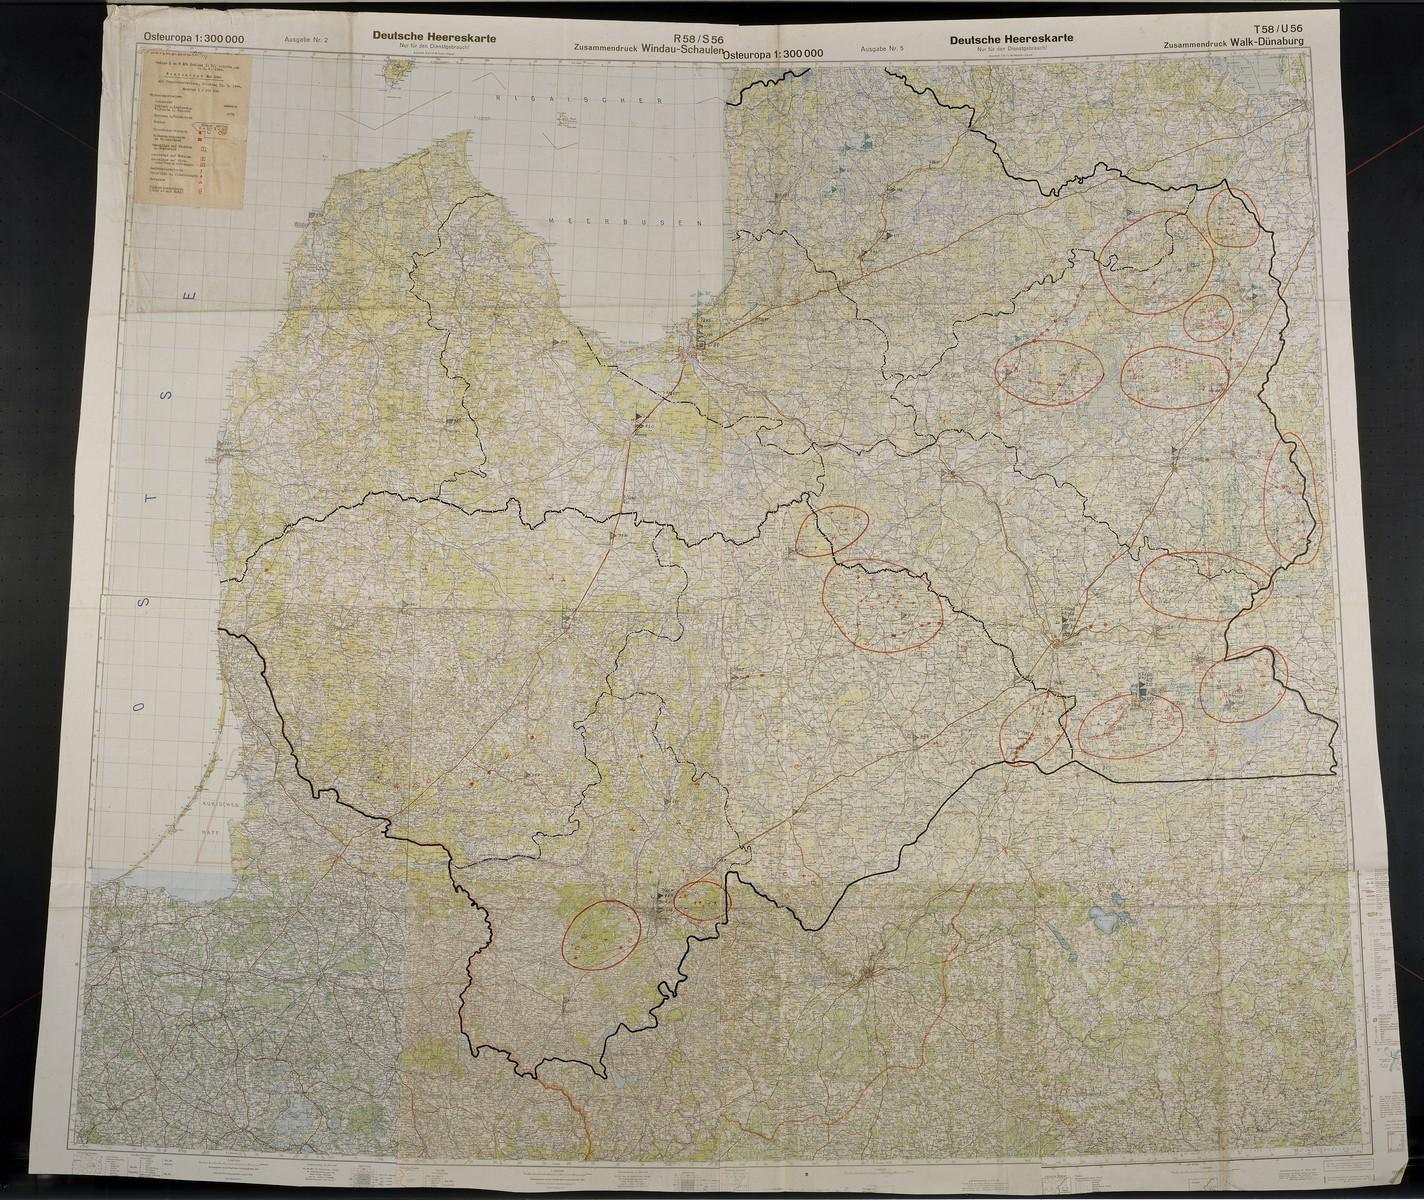 Bandenlage Mai 44. Concerns Ostland, 1944 May.